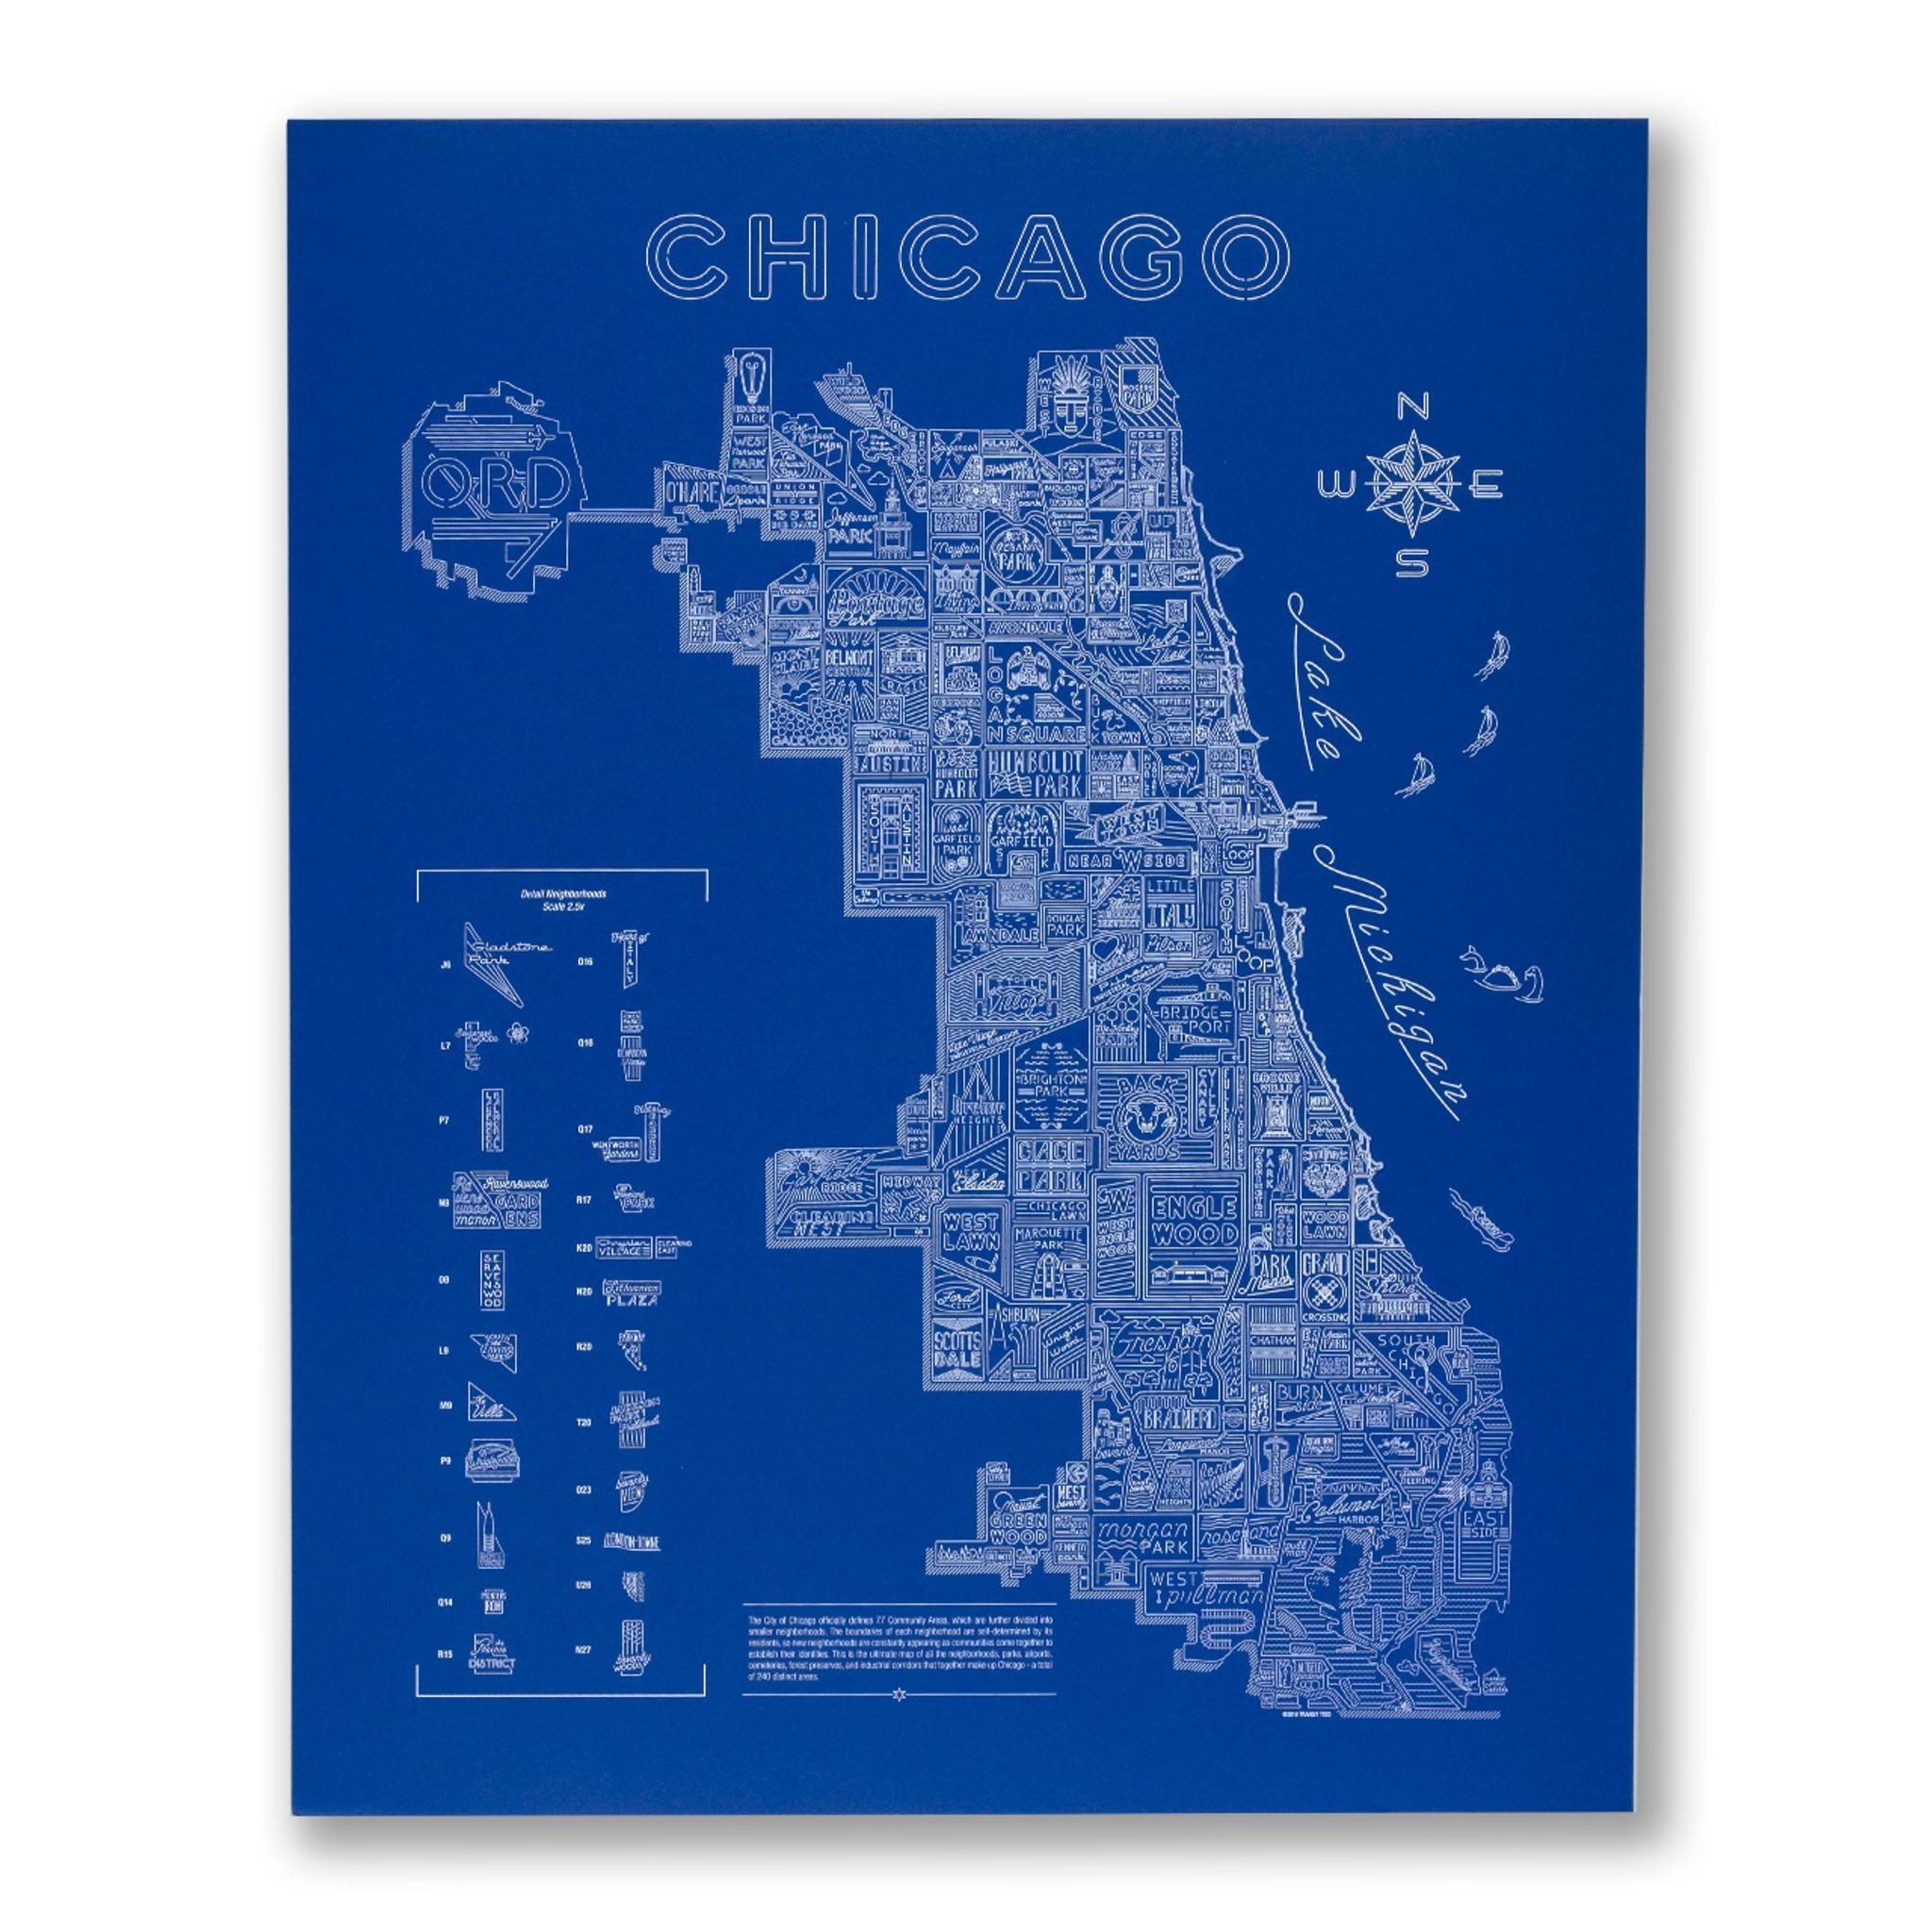 Neon Neighborhood Map of Chicago Screen Print on